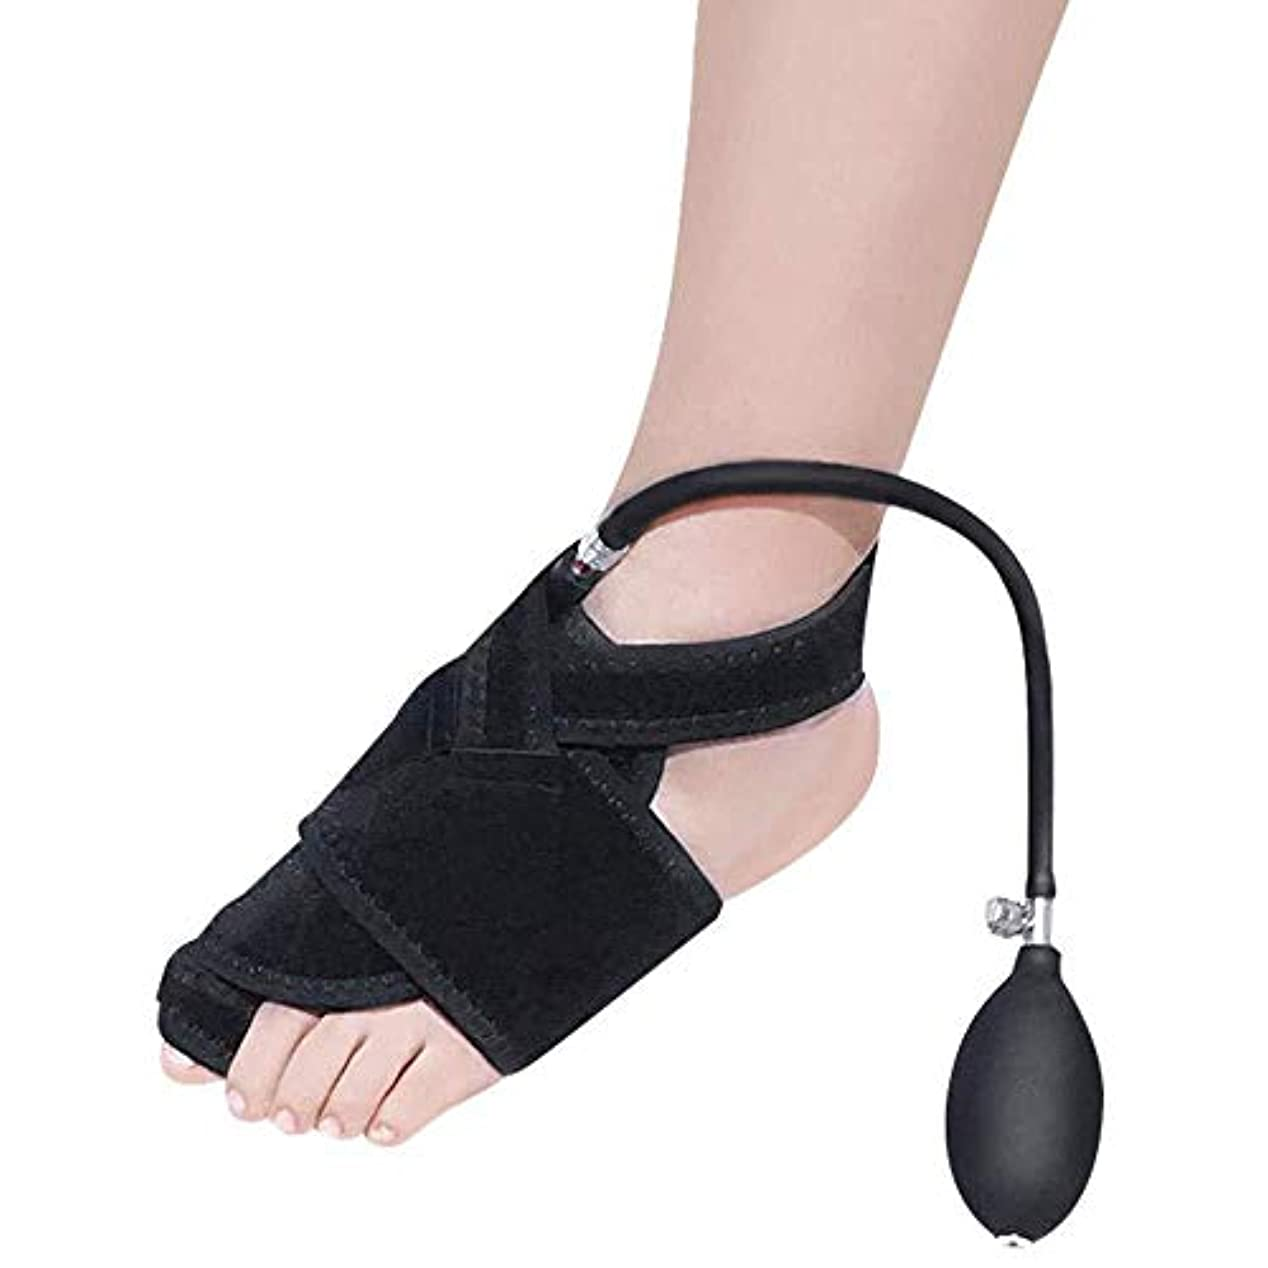 千大陸分泌するつま先セパレーター、左の膨脹可能なつま先変形足の親指矯正器および空気圧式整形外科用補助腱膜瘤手術の回復,Leftfoot